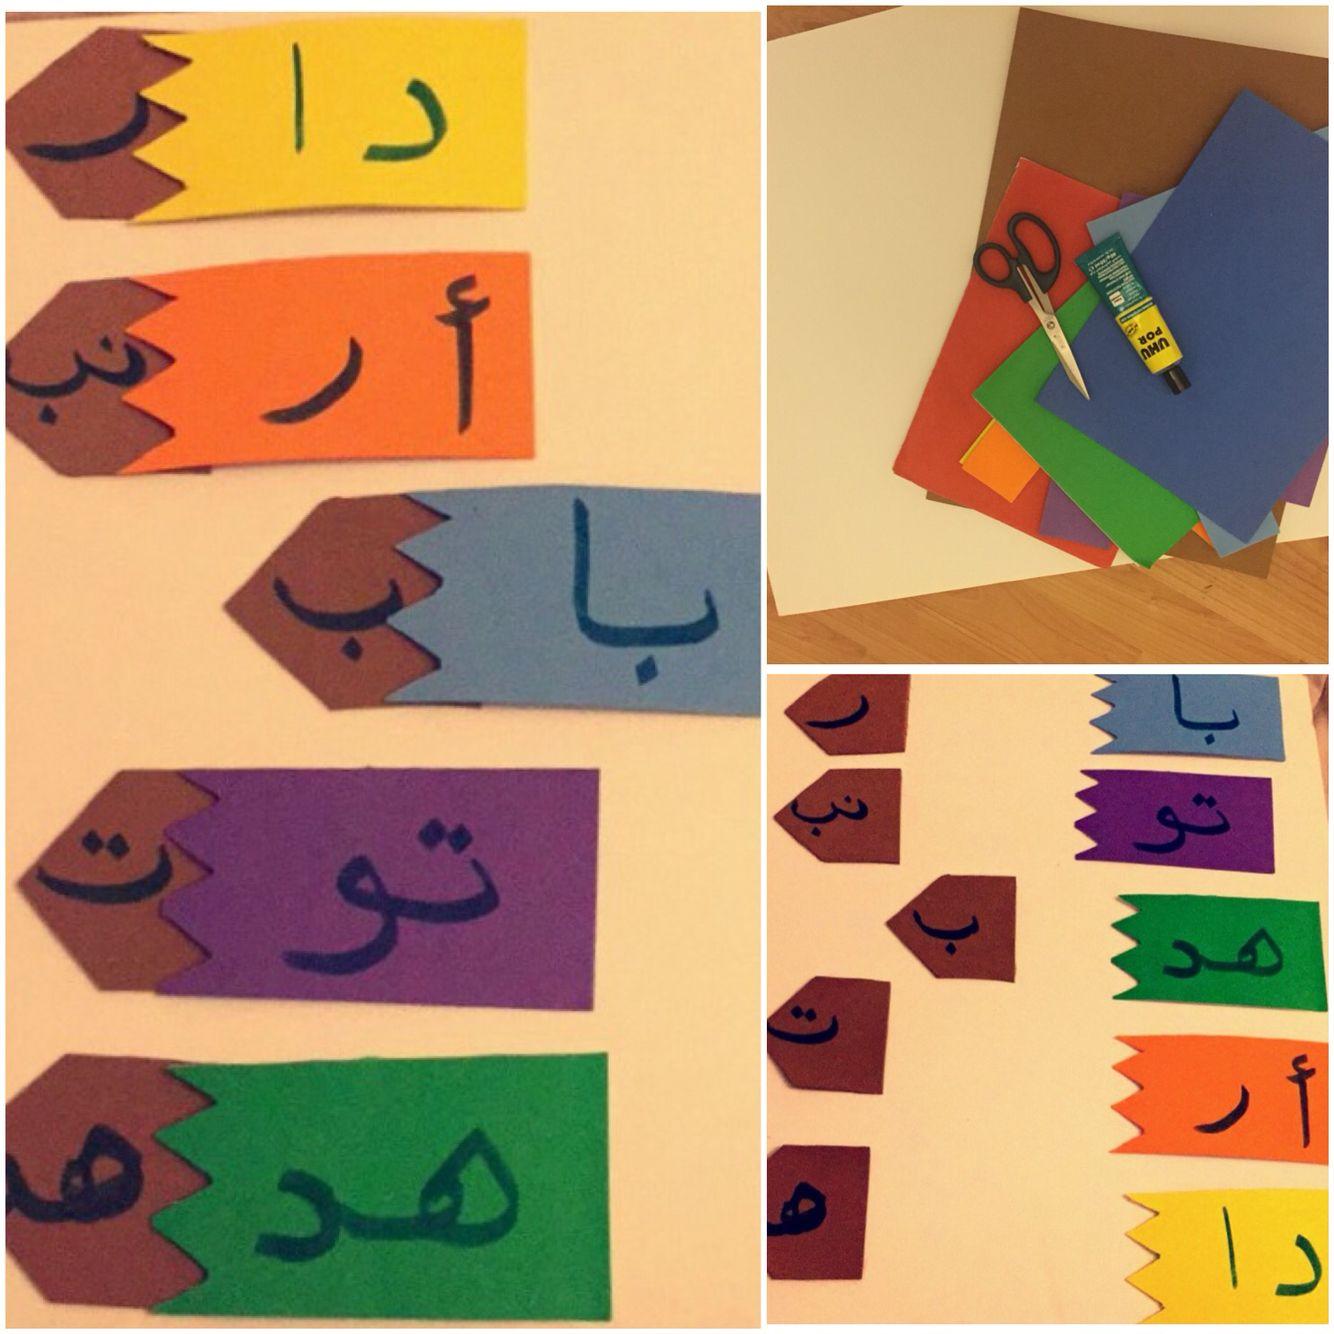 نشاط كلمات الألوان هدف هذا النشاط ان يكون الطفل كلمات حقيقية من تجميع مقاطع الكلمة الأدوات المستخدمة في هذا Alphabet Activities Cards Handmade Kindergarden